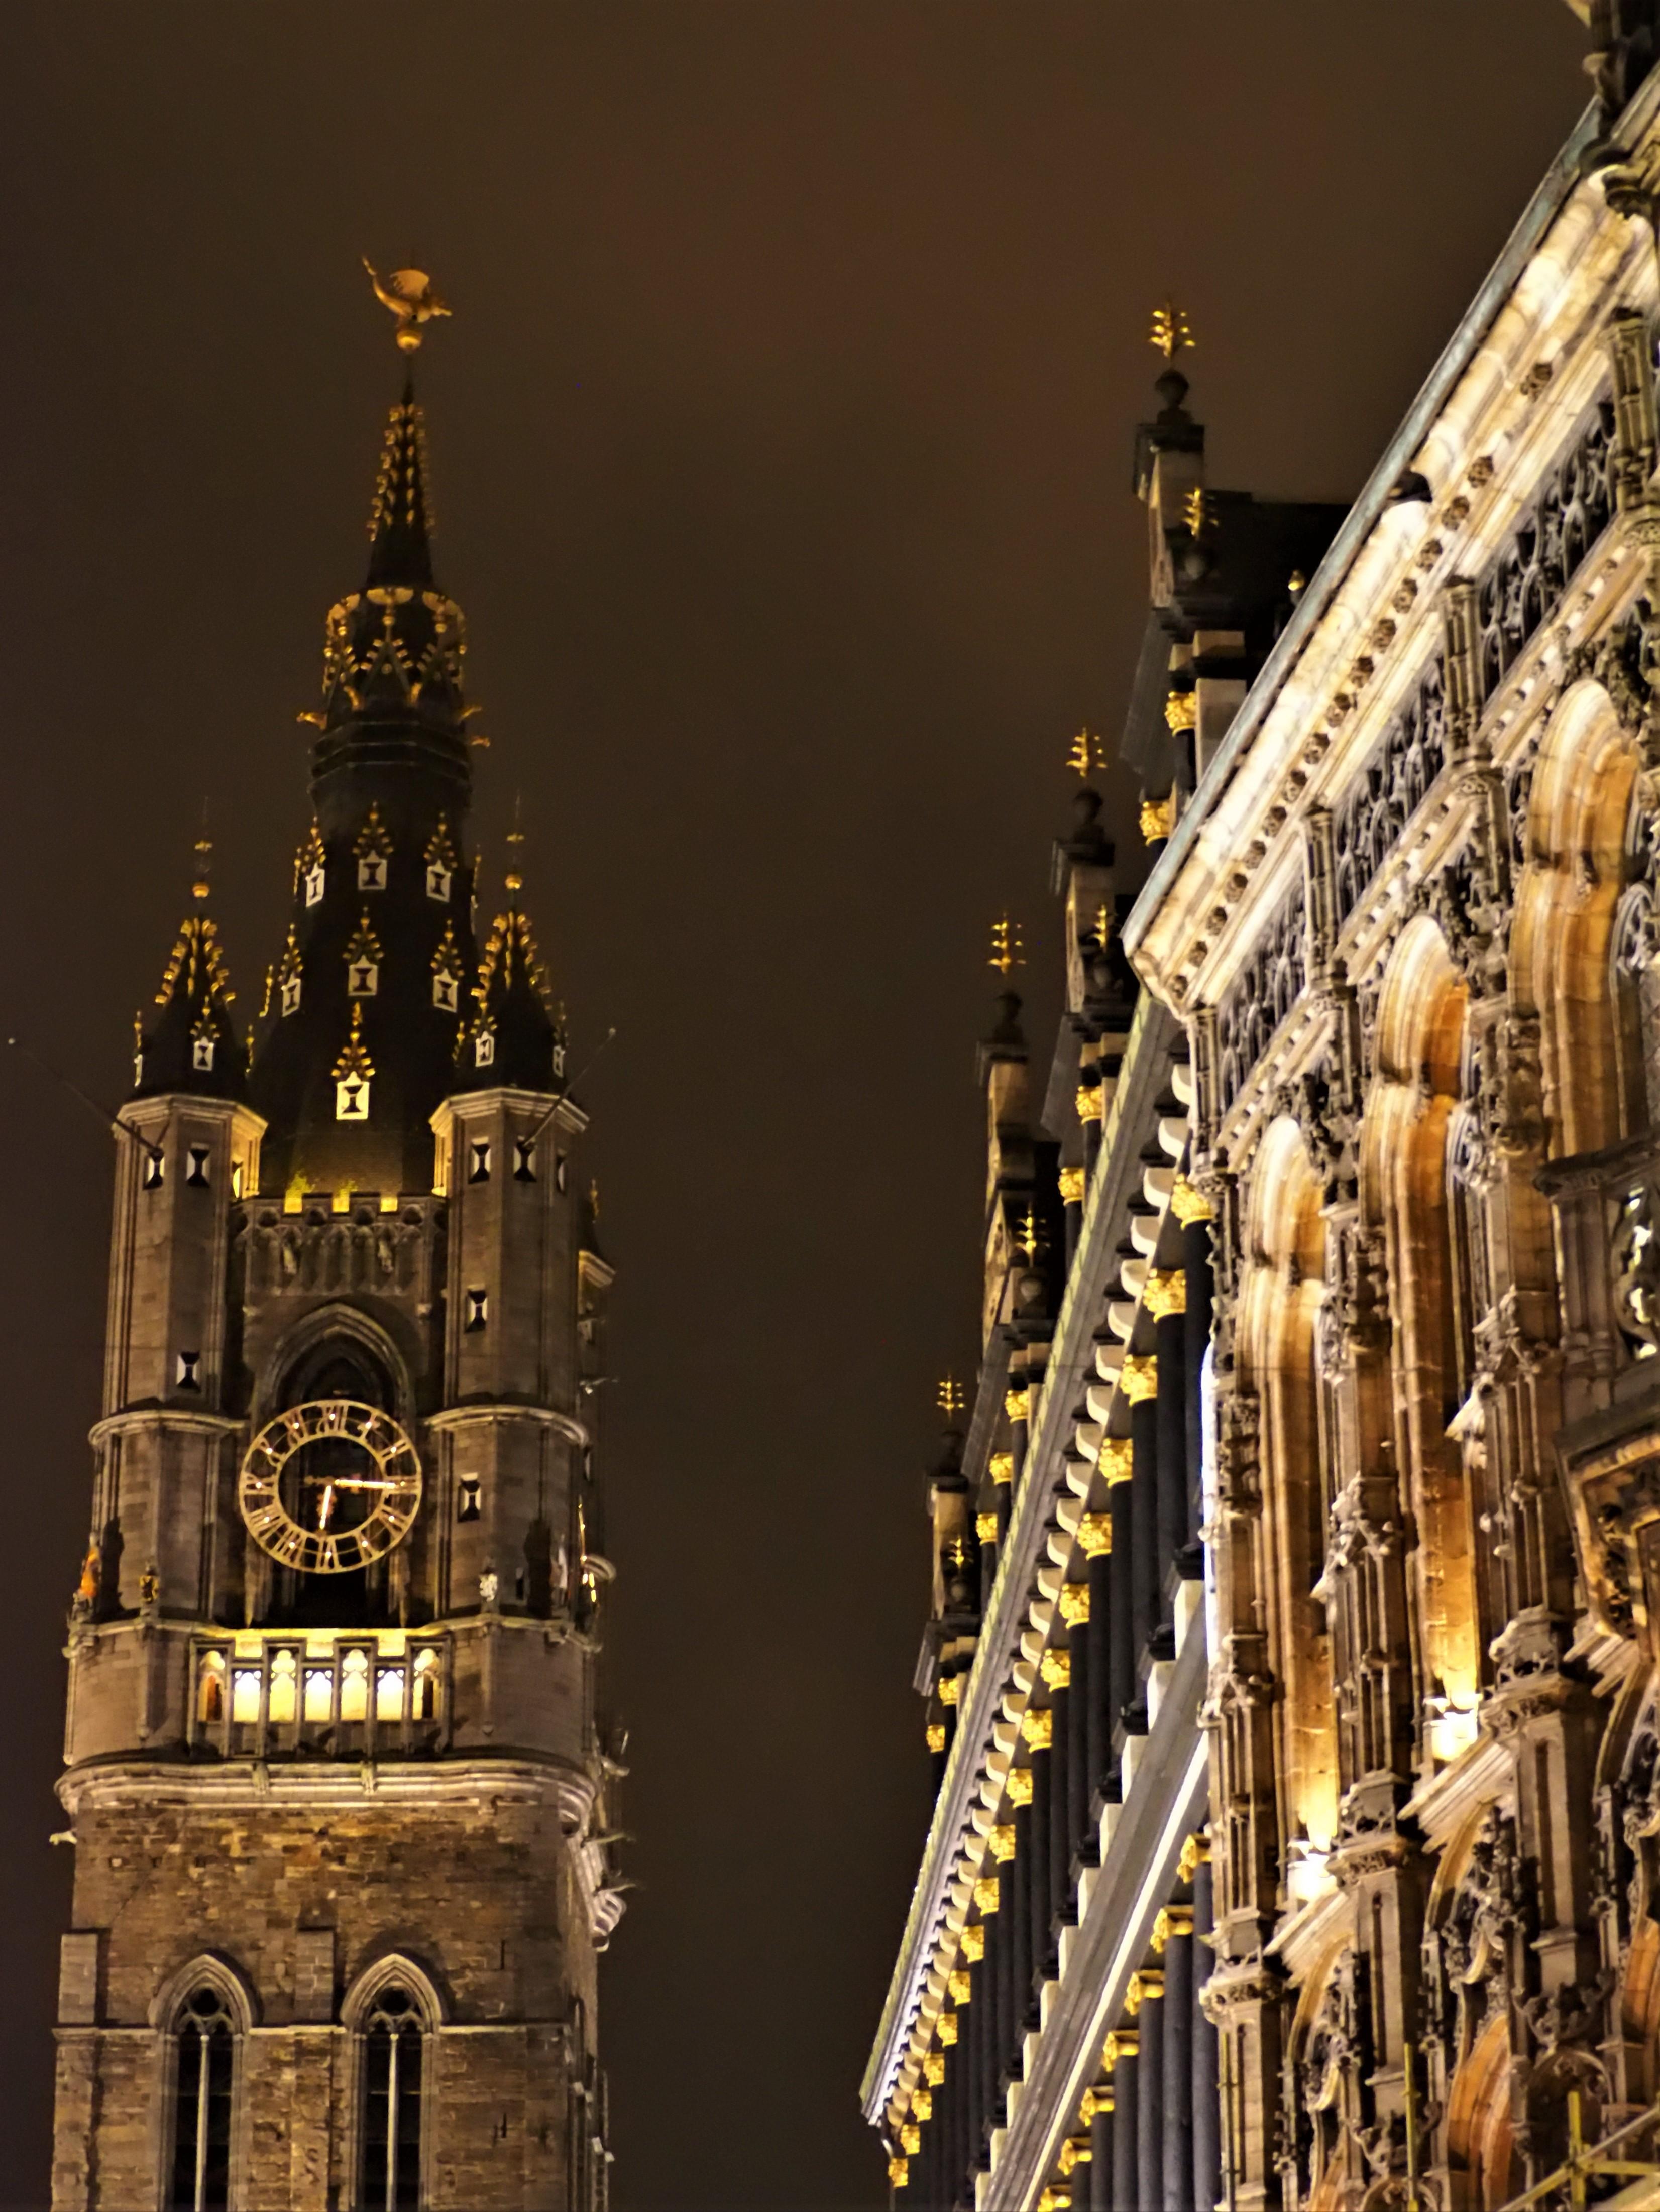 Beffroi de gand belgique blog voyage clioandco